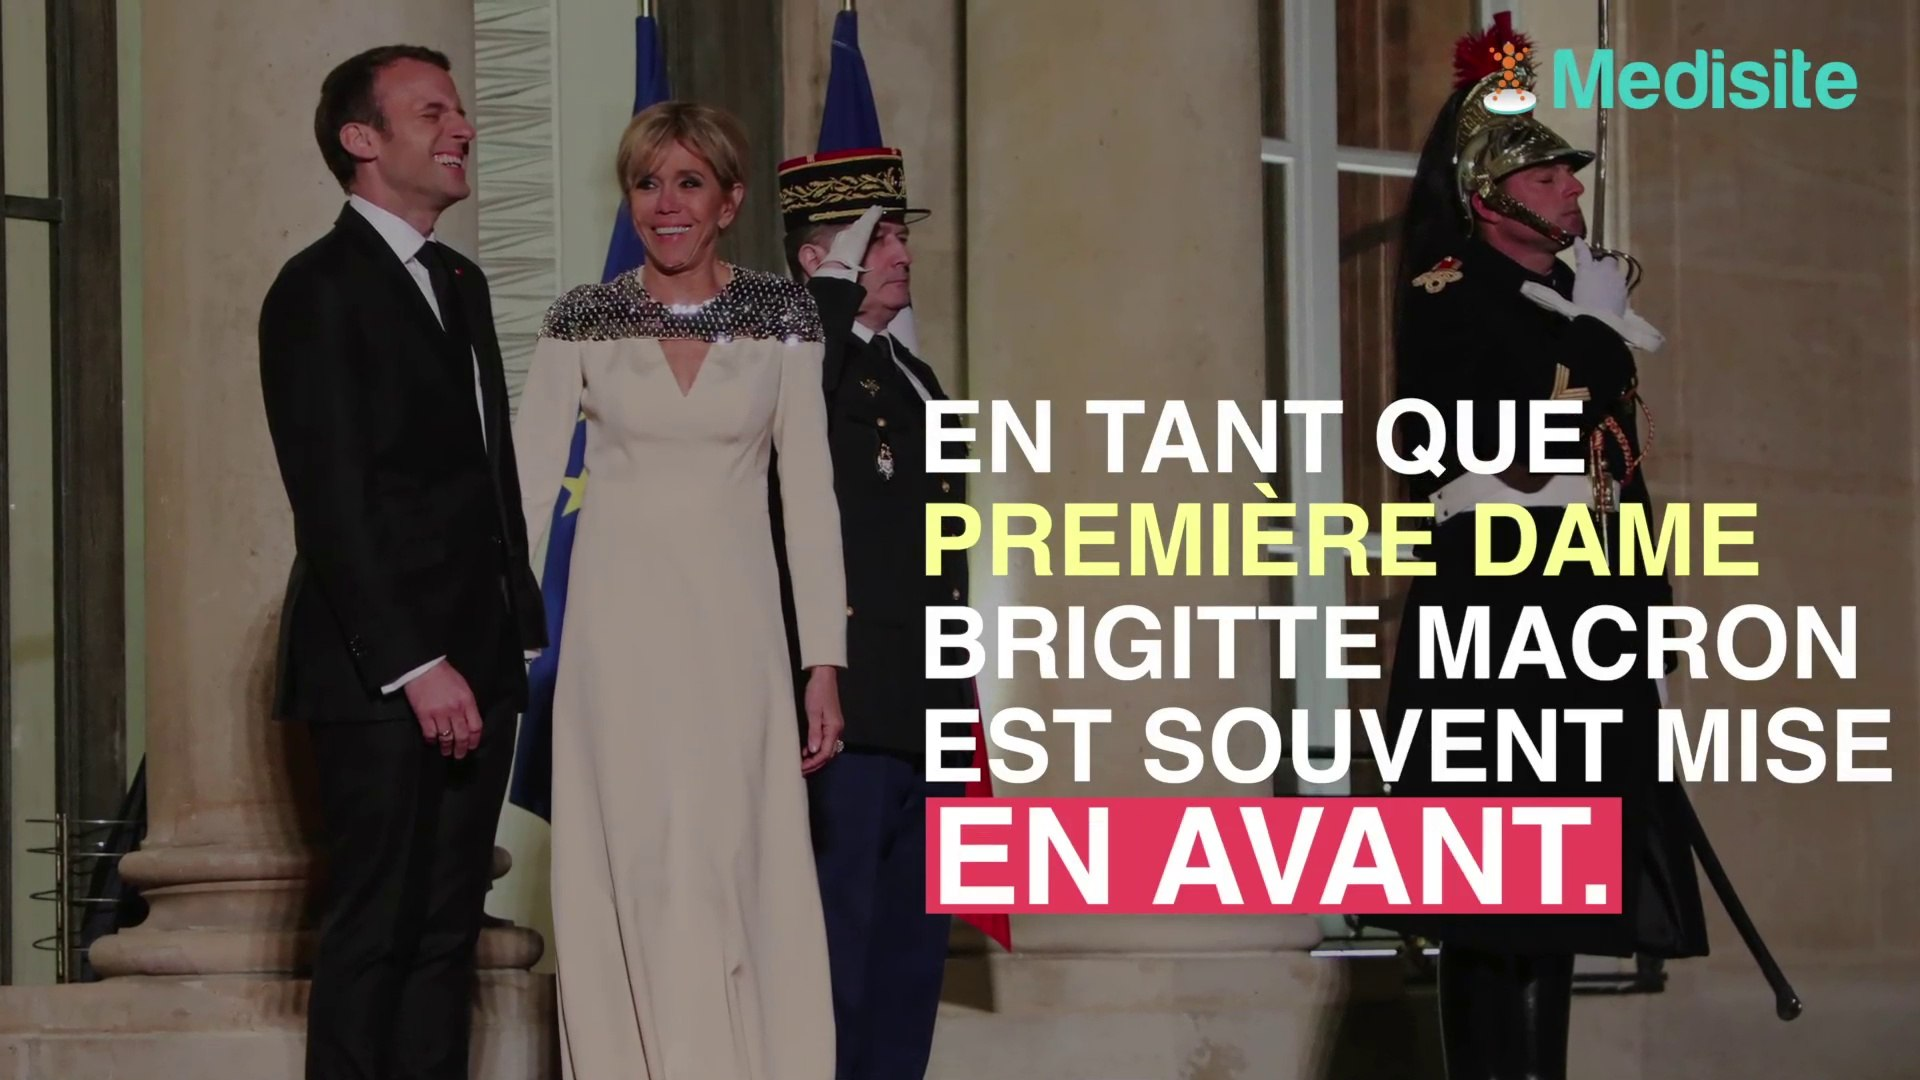 Brigitte Macron blessée par les critiques sur sa différence d'âge avec Emmanuel Macron